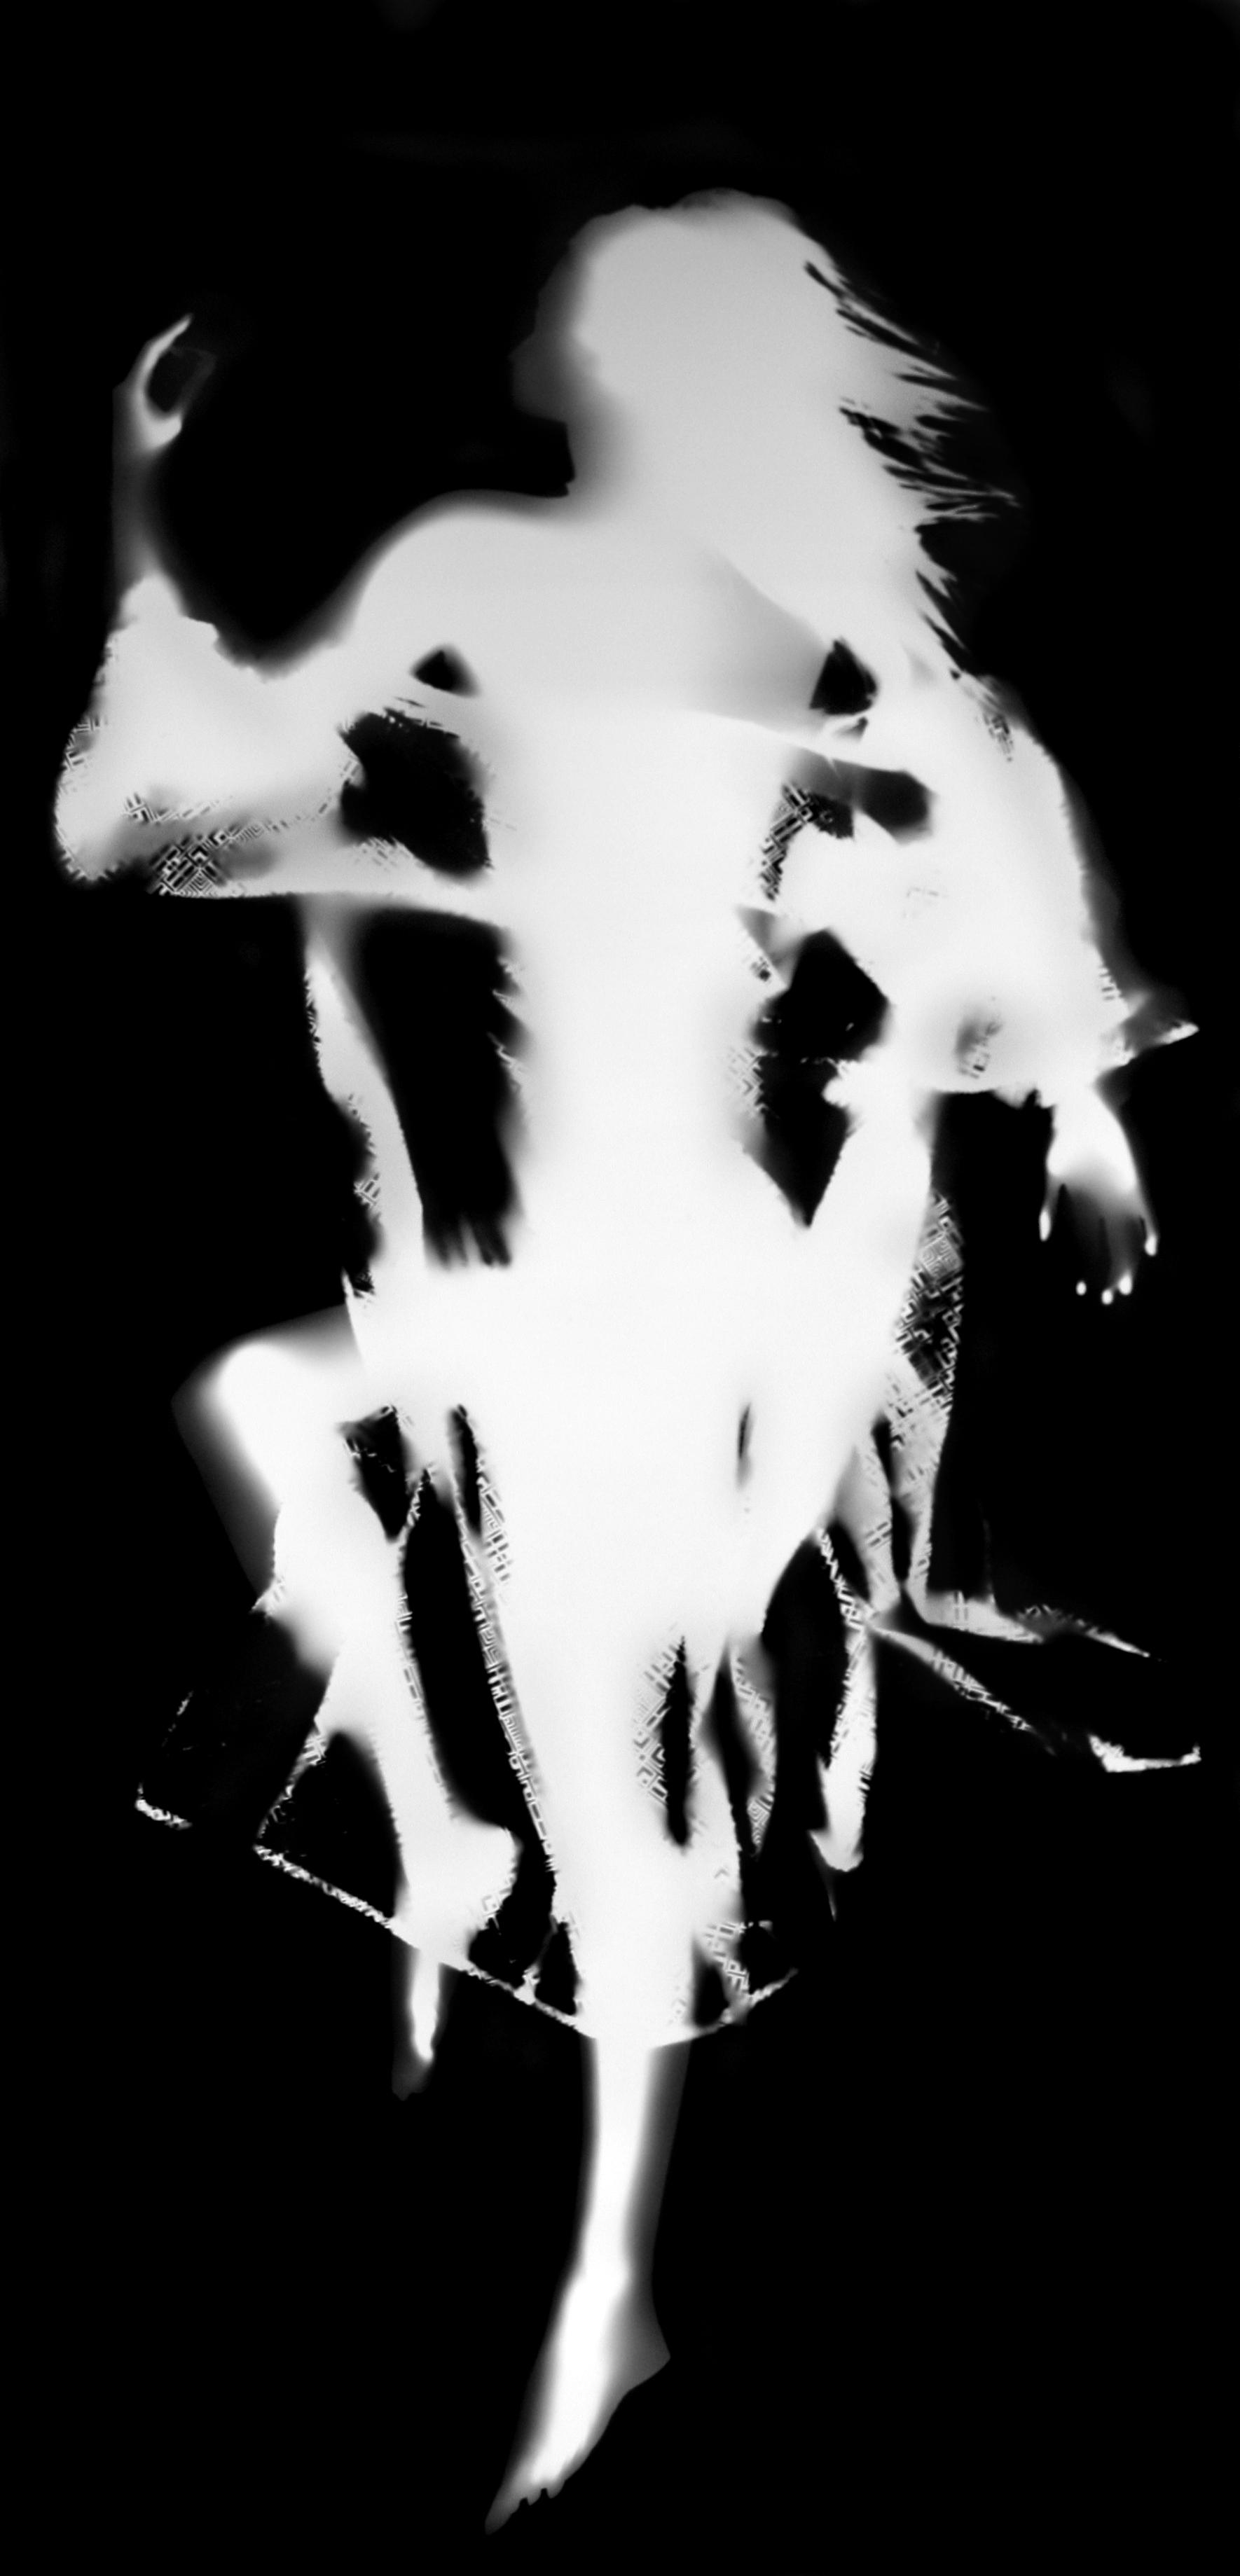 yukata photogram